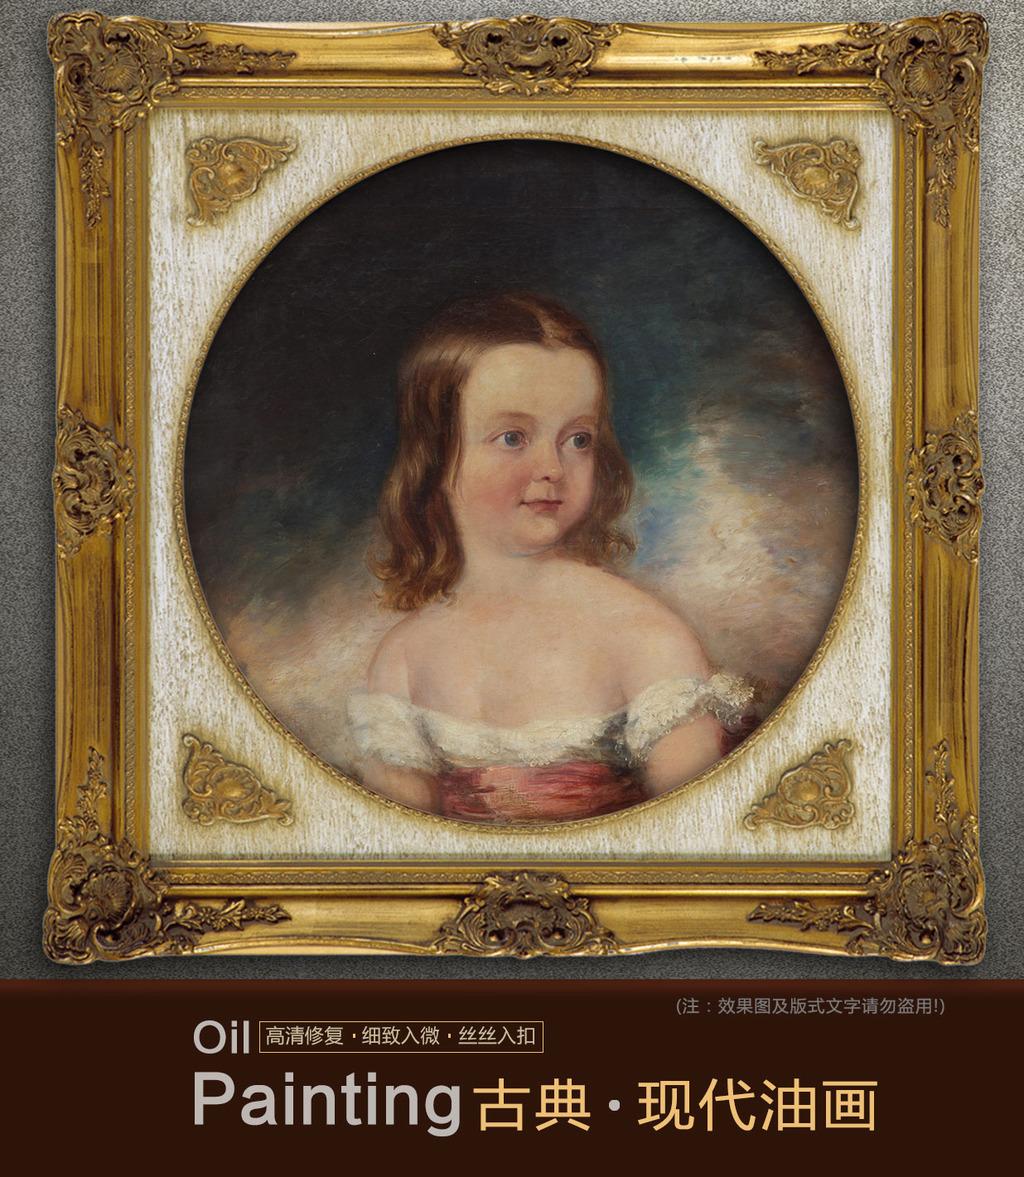 金发小姑娘古典主义油画图片